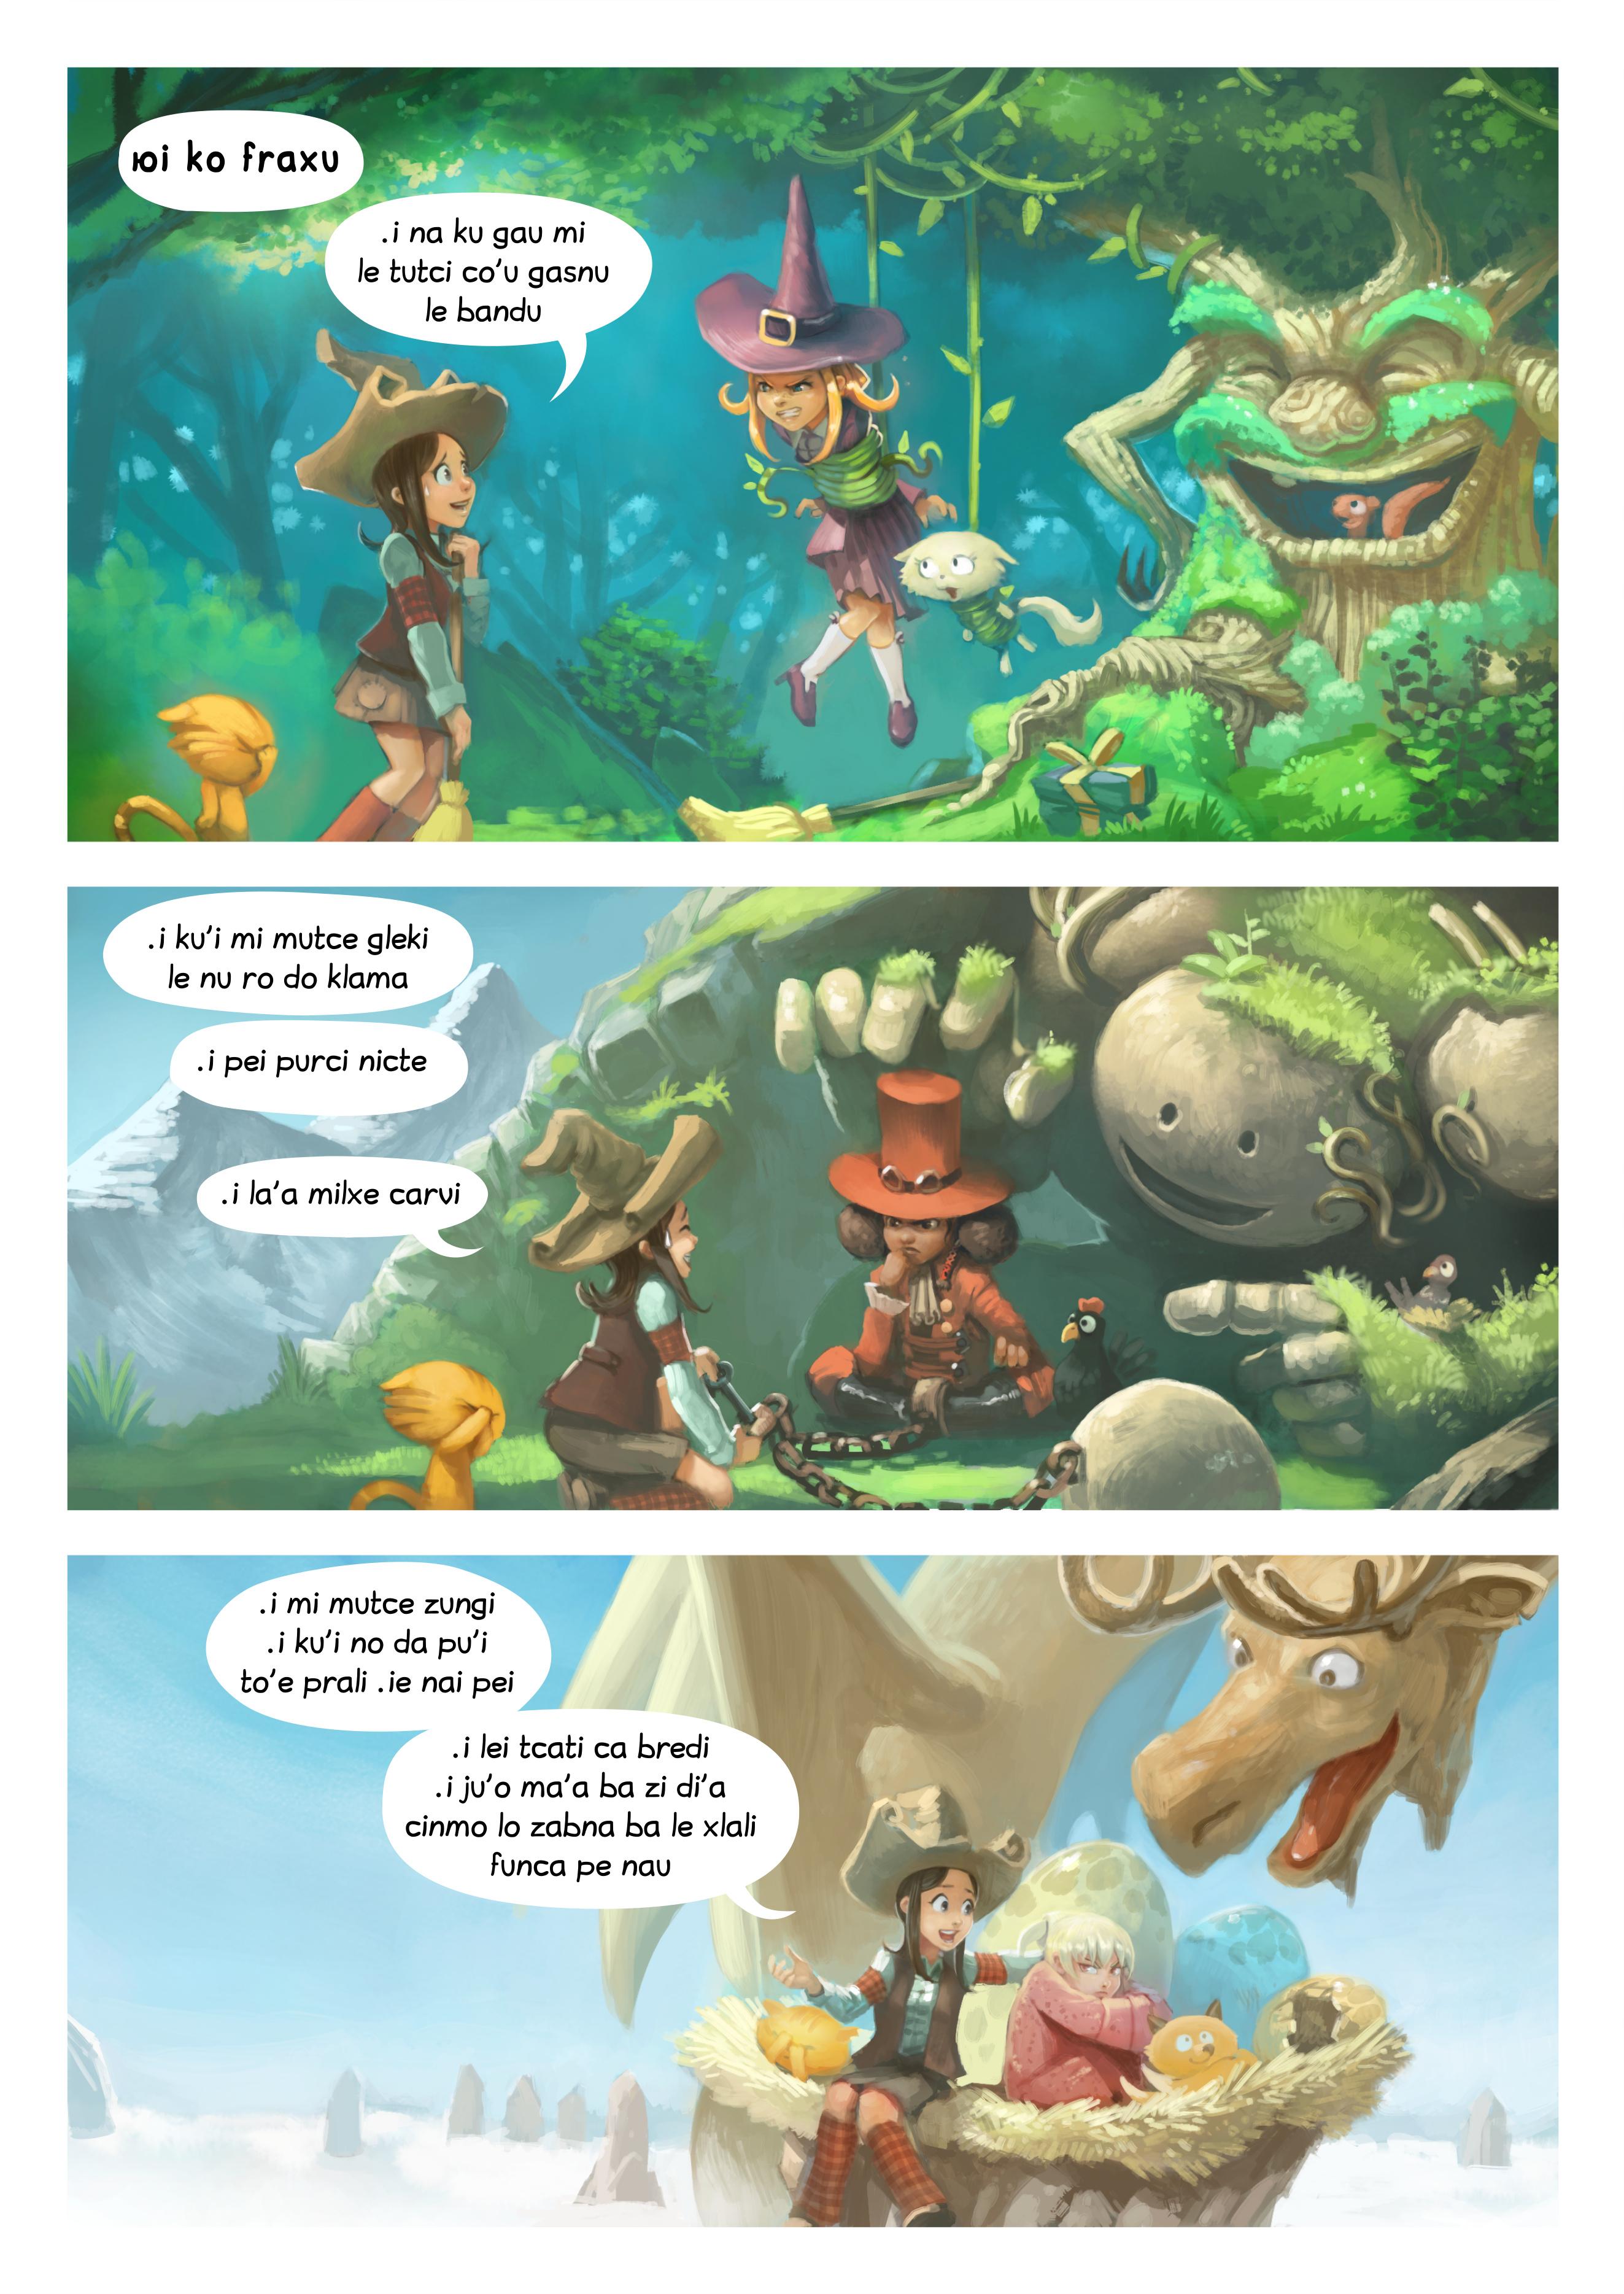 i 9 mo'o lisri le farmako, Page 2